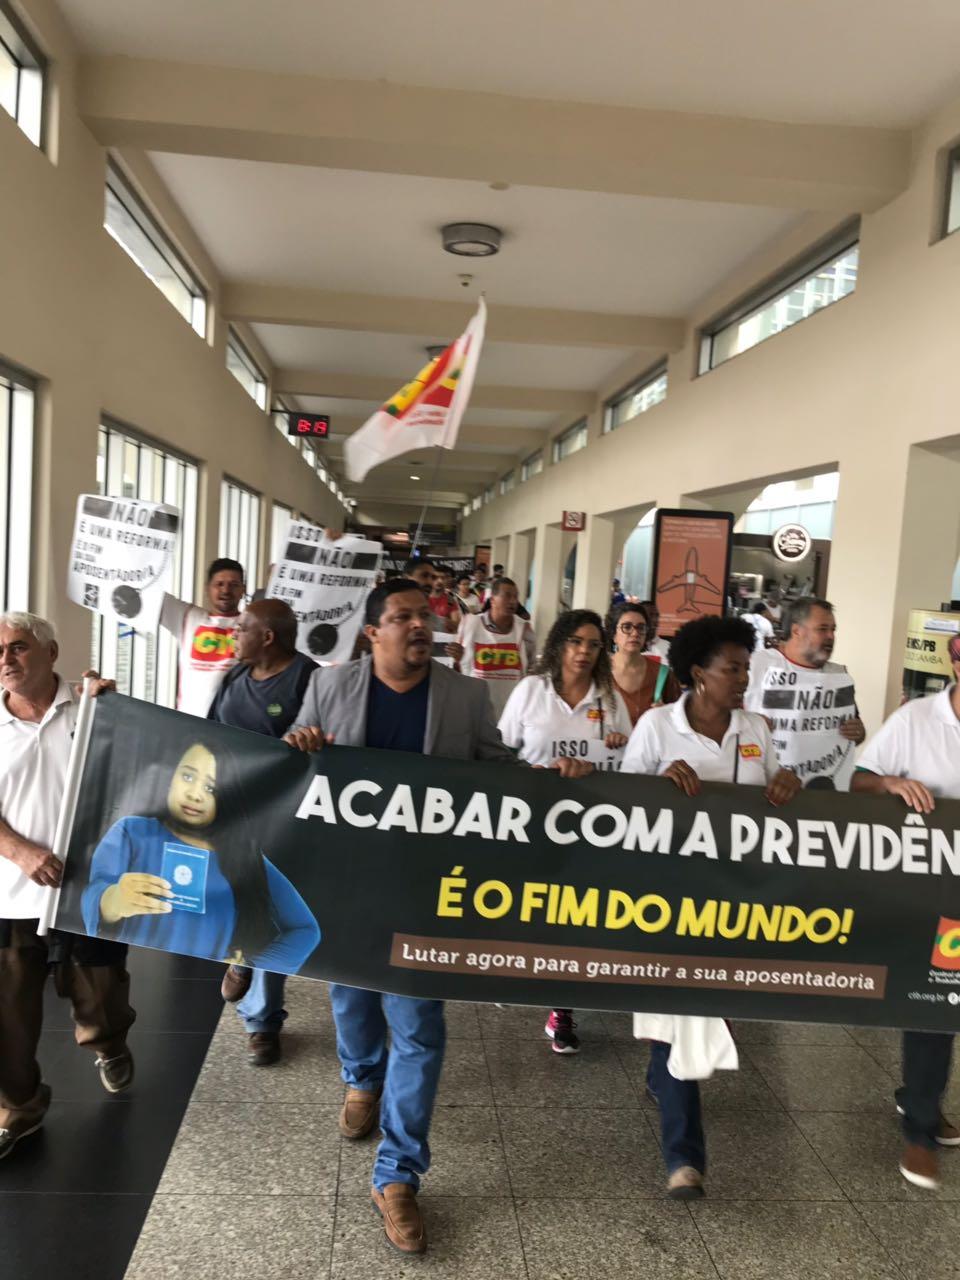 ctb sp aeroporto congonhas reforma previdencia adilson